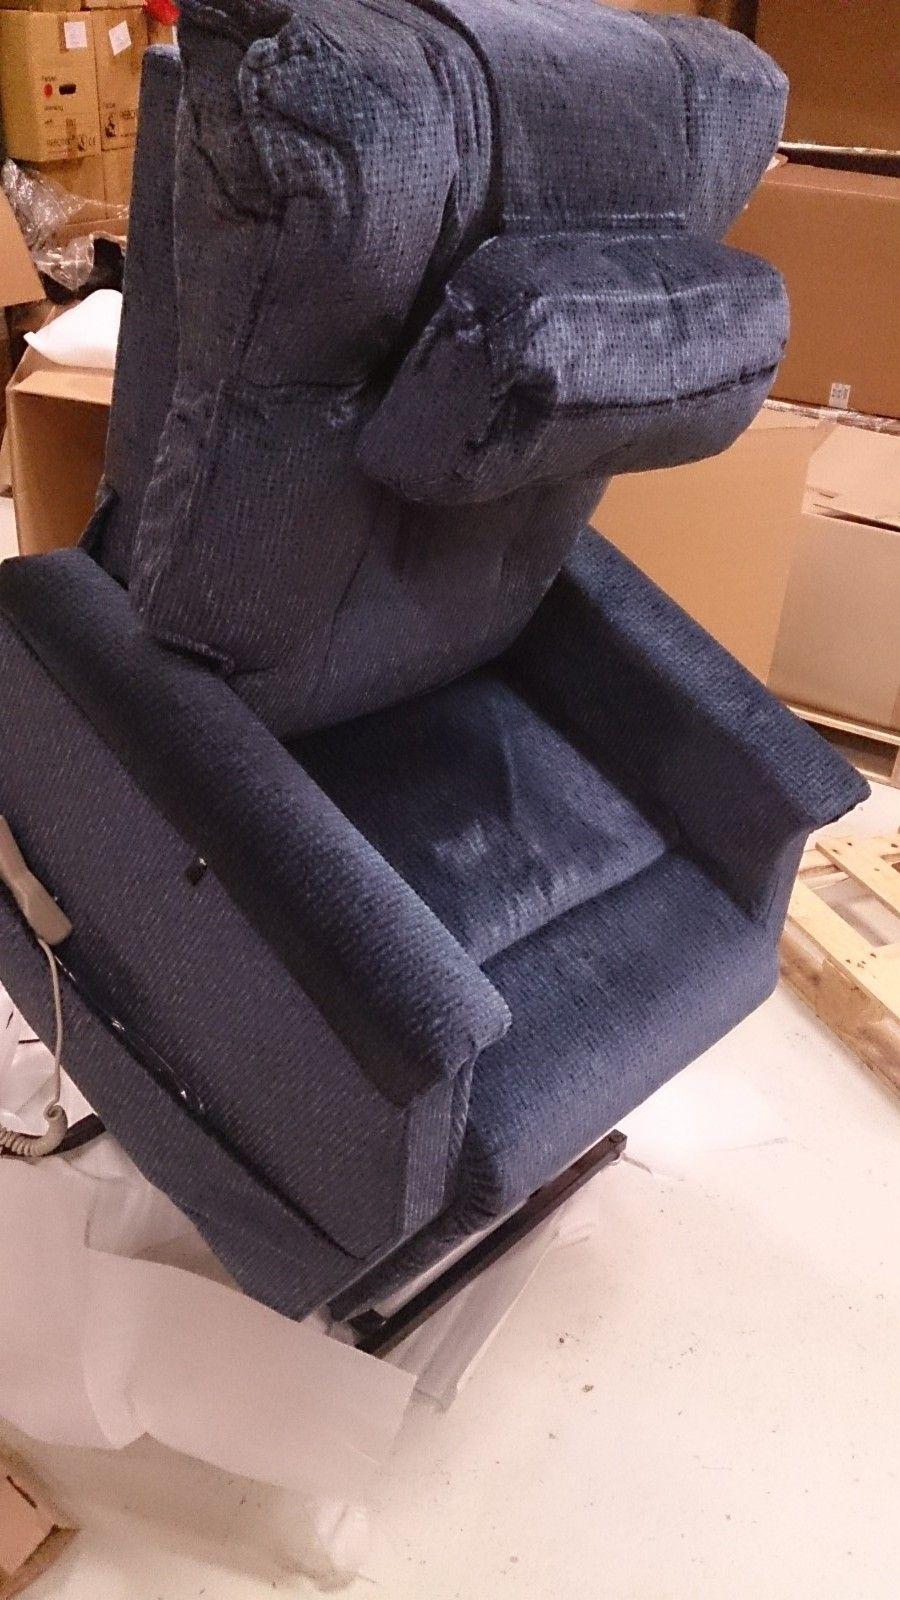 Gode hvilestoler, som nye | FINN.no